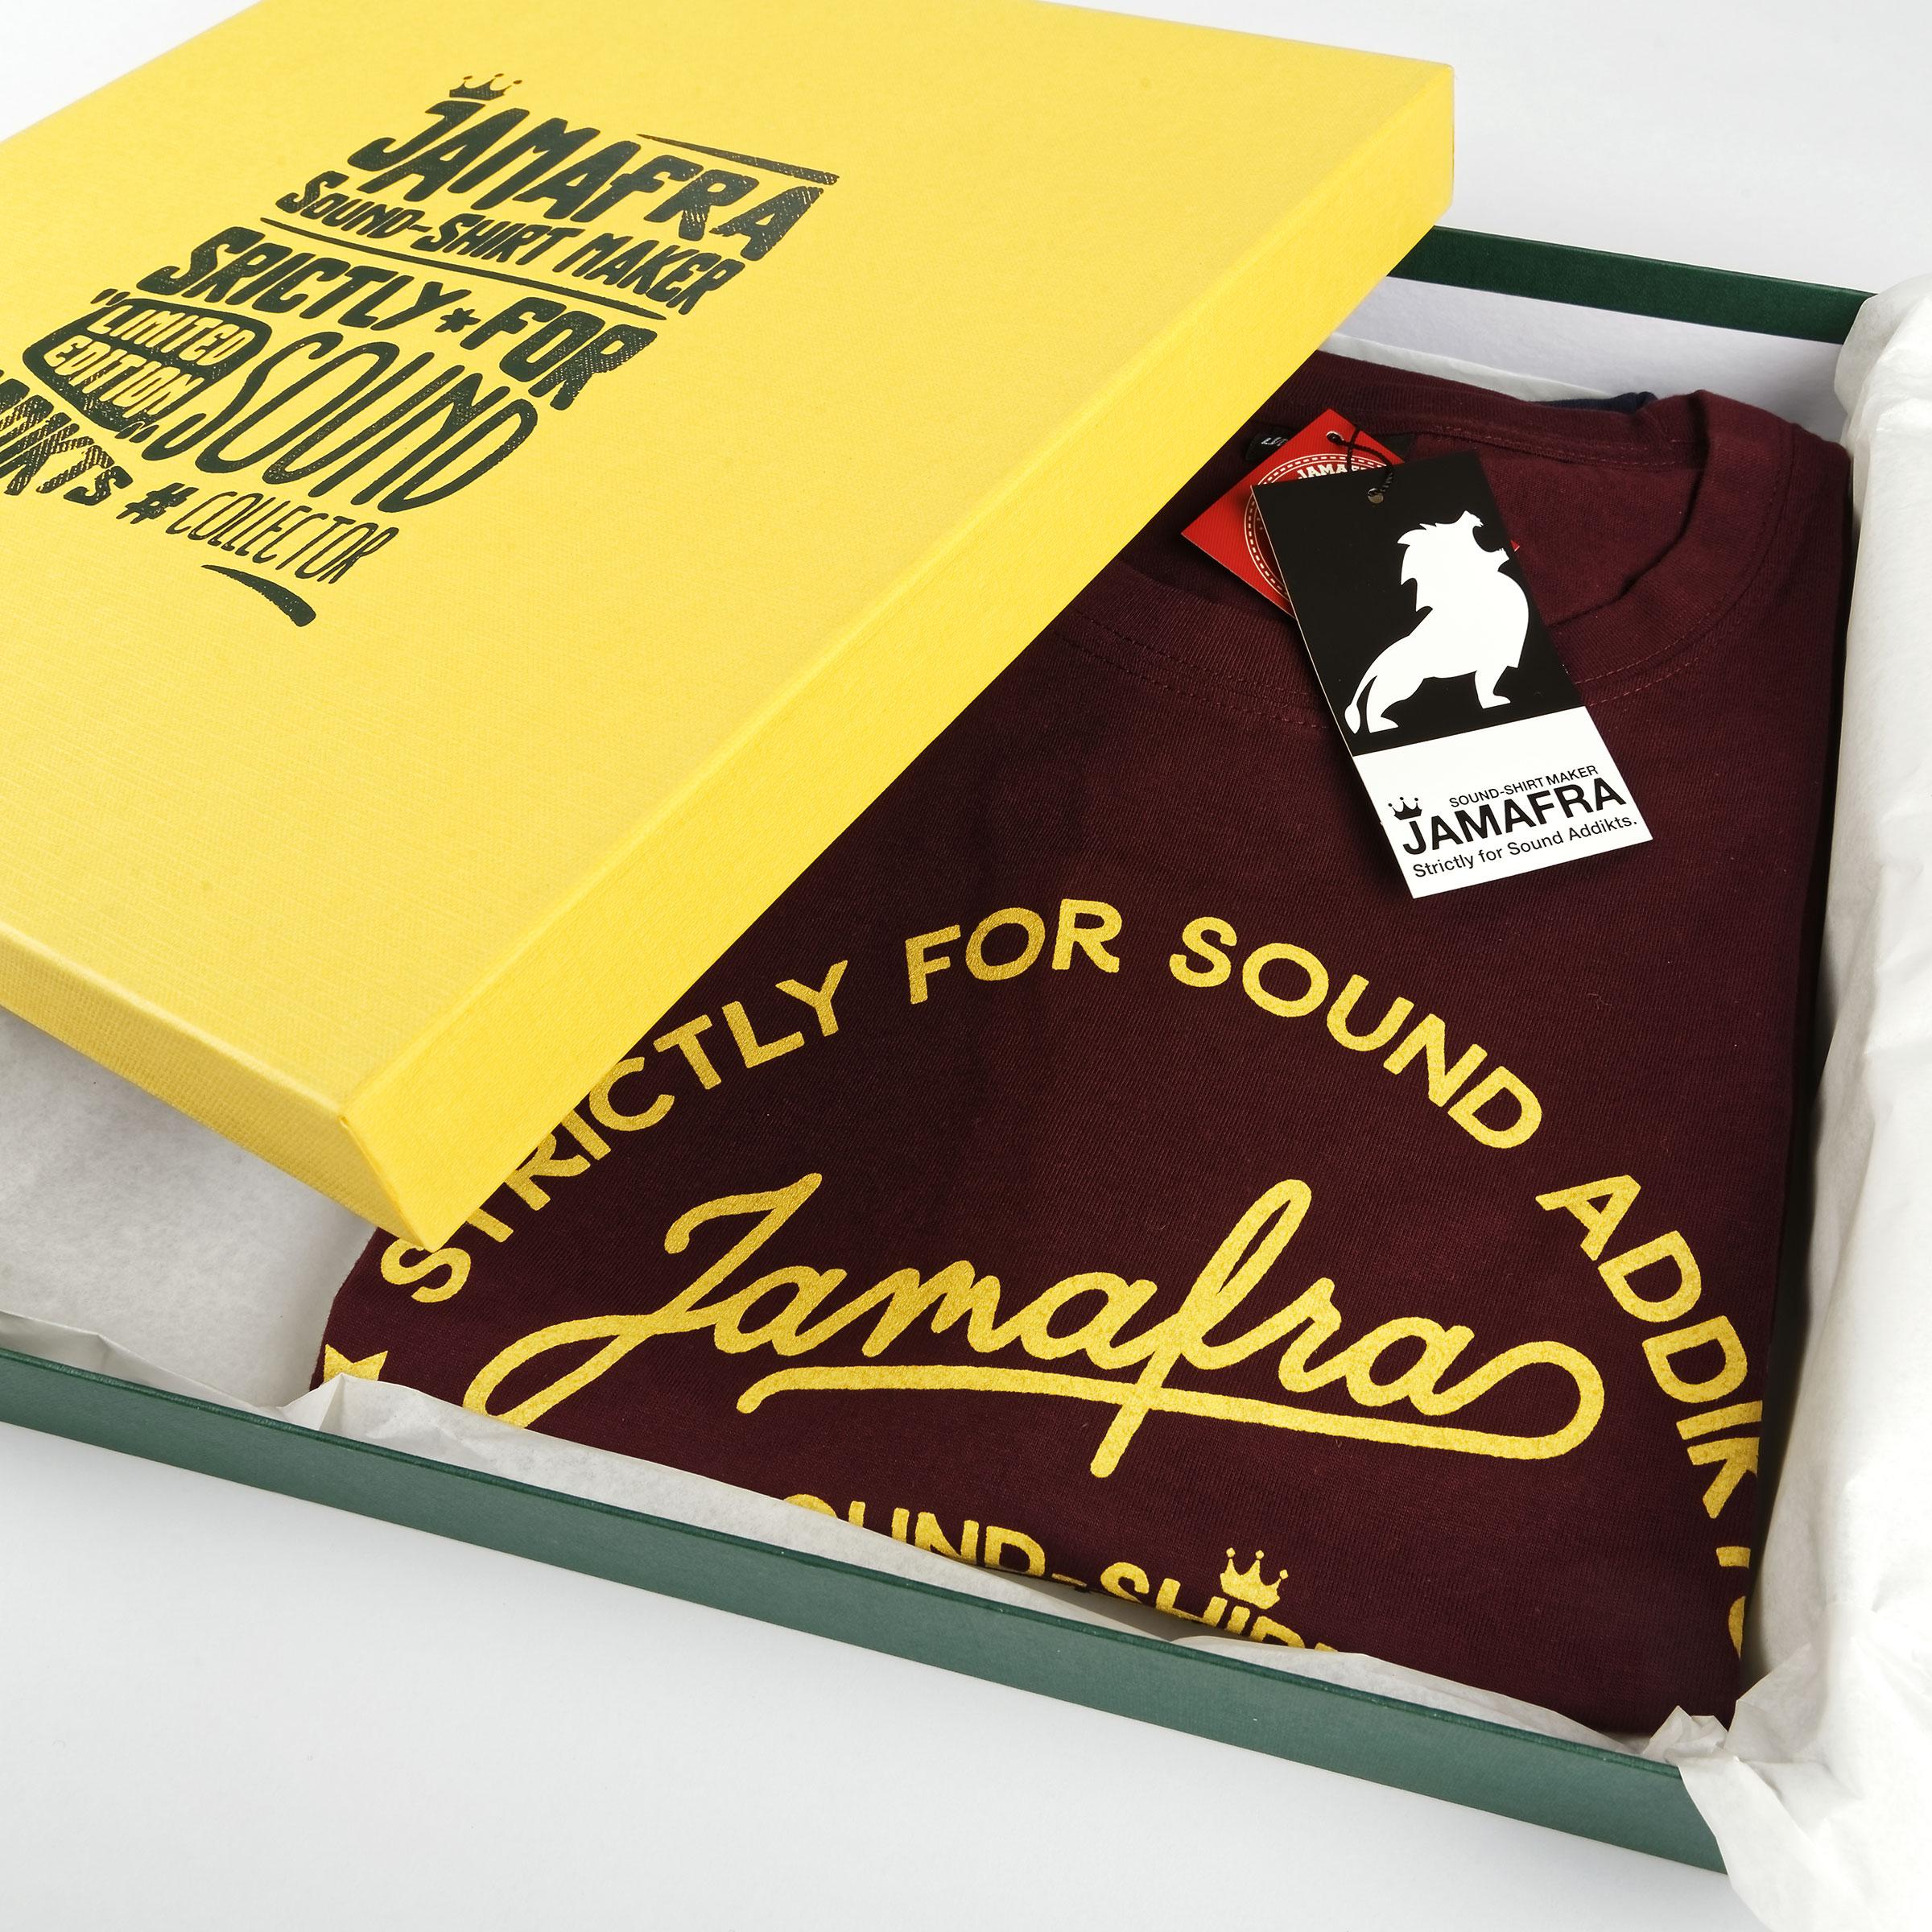 Jamafra Pack LIMITED 2 TEE + 2 VINYLS